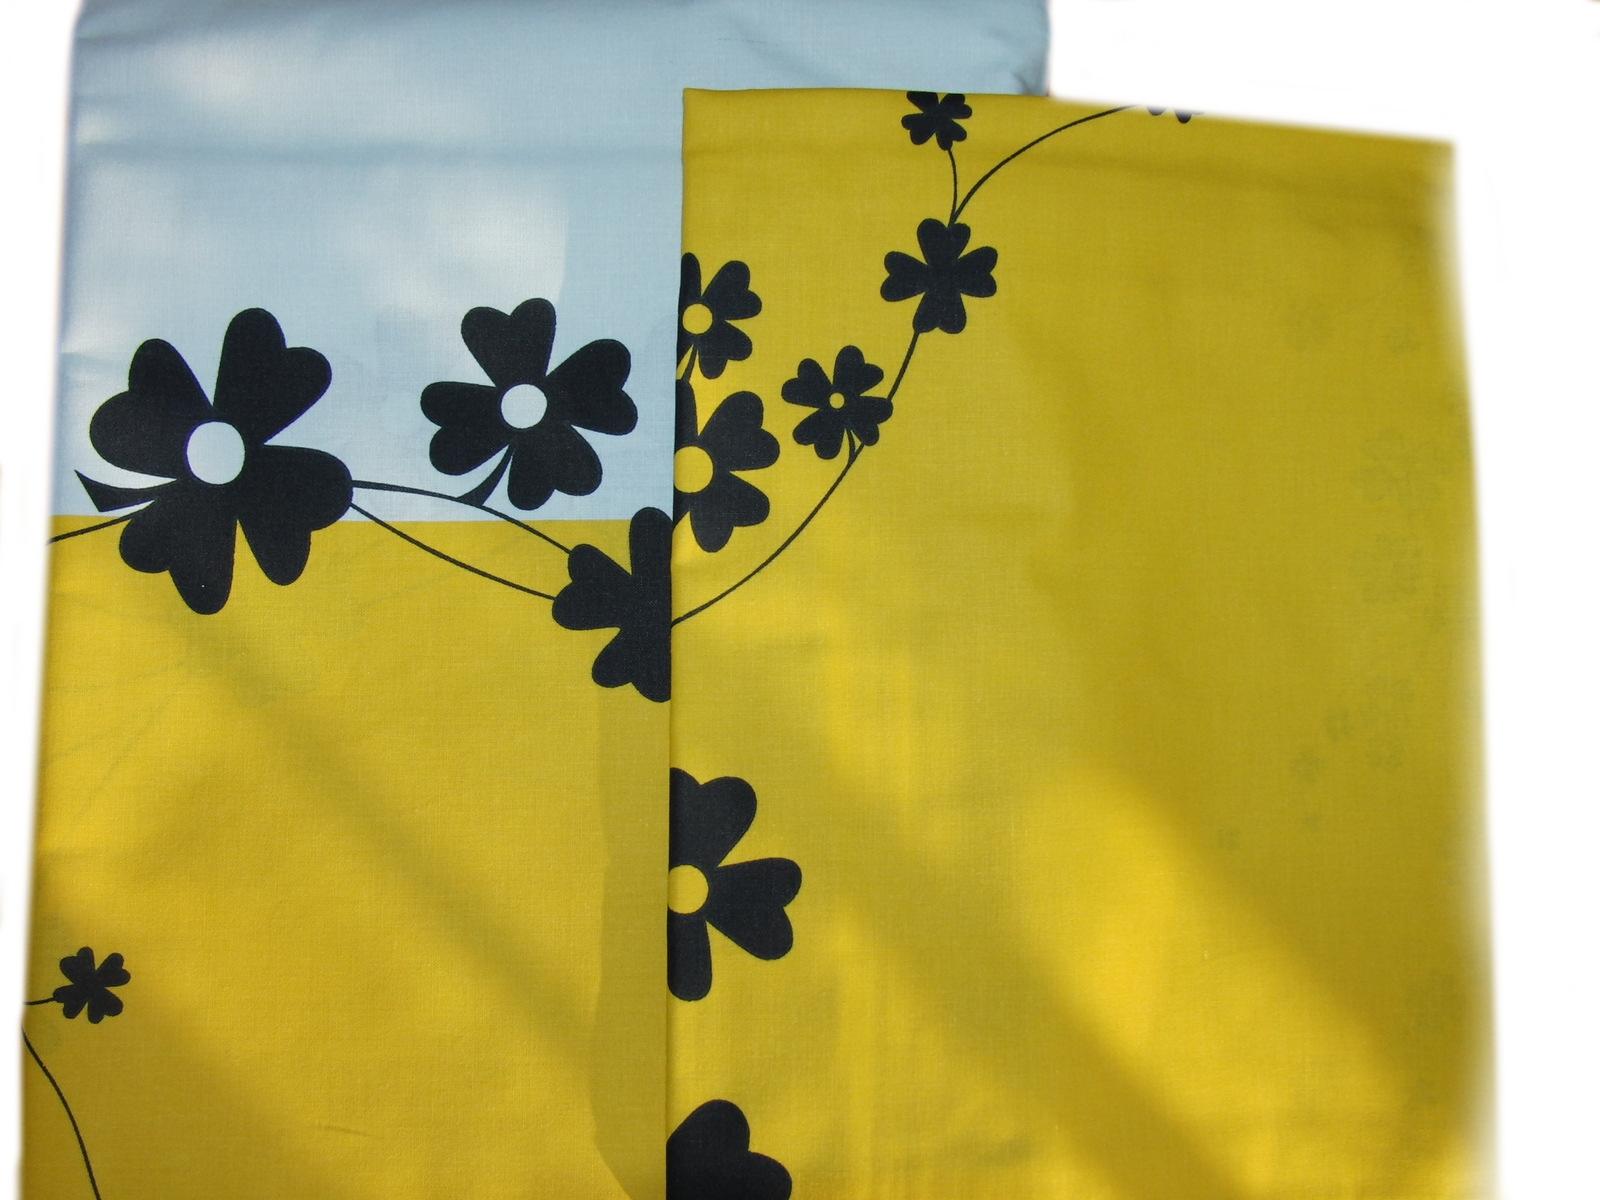 Ložní povleèení - èerné kvìty na žluté - zvìtšit obrázek